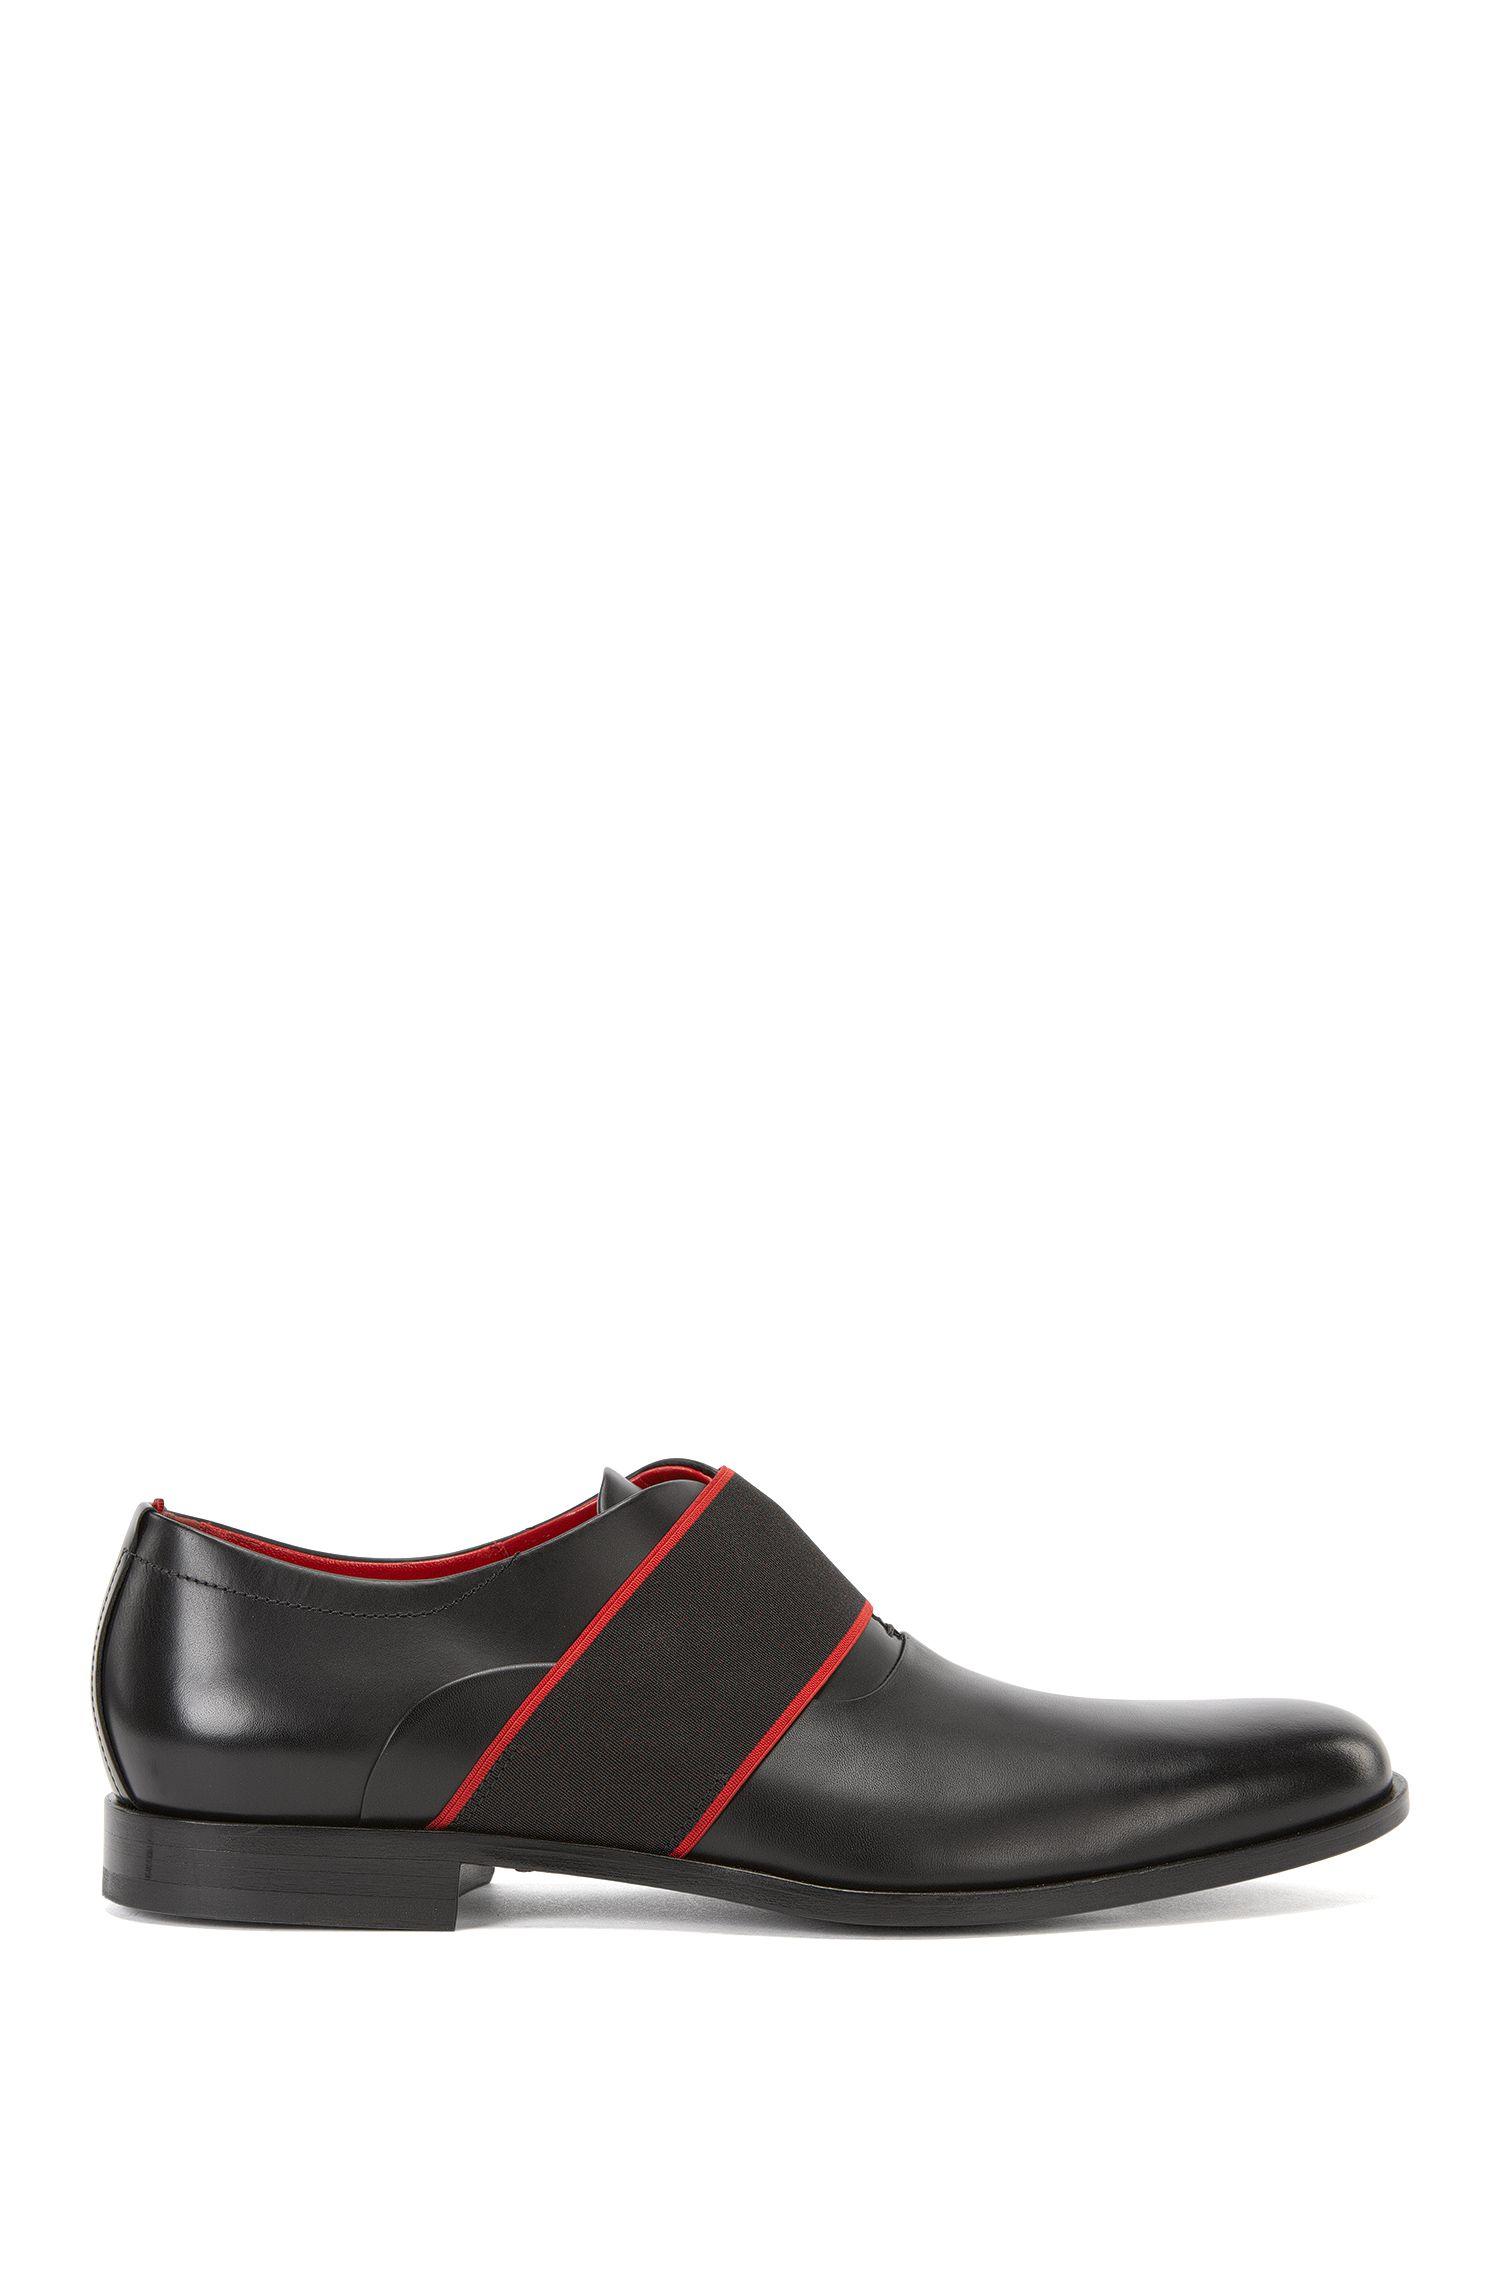 Zapatos de piel con detalle de correa